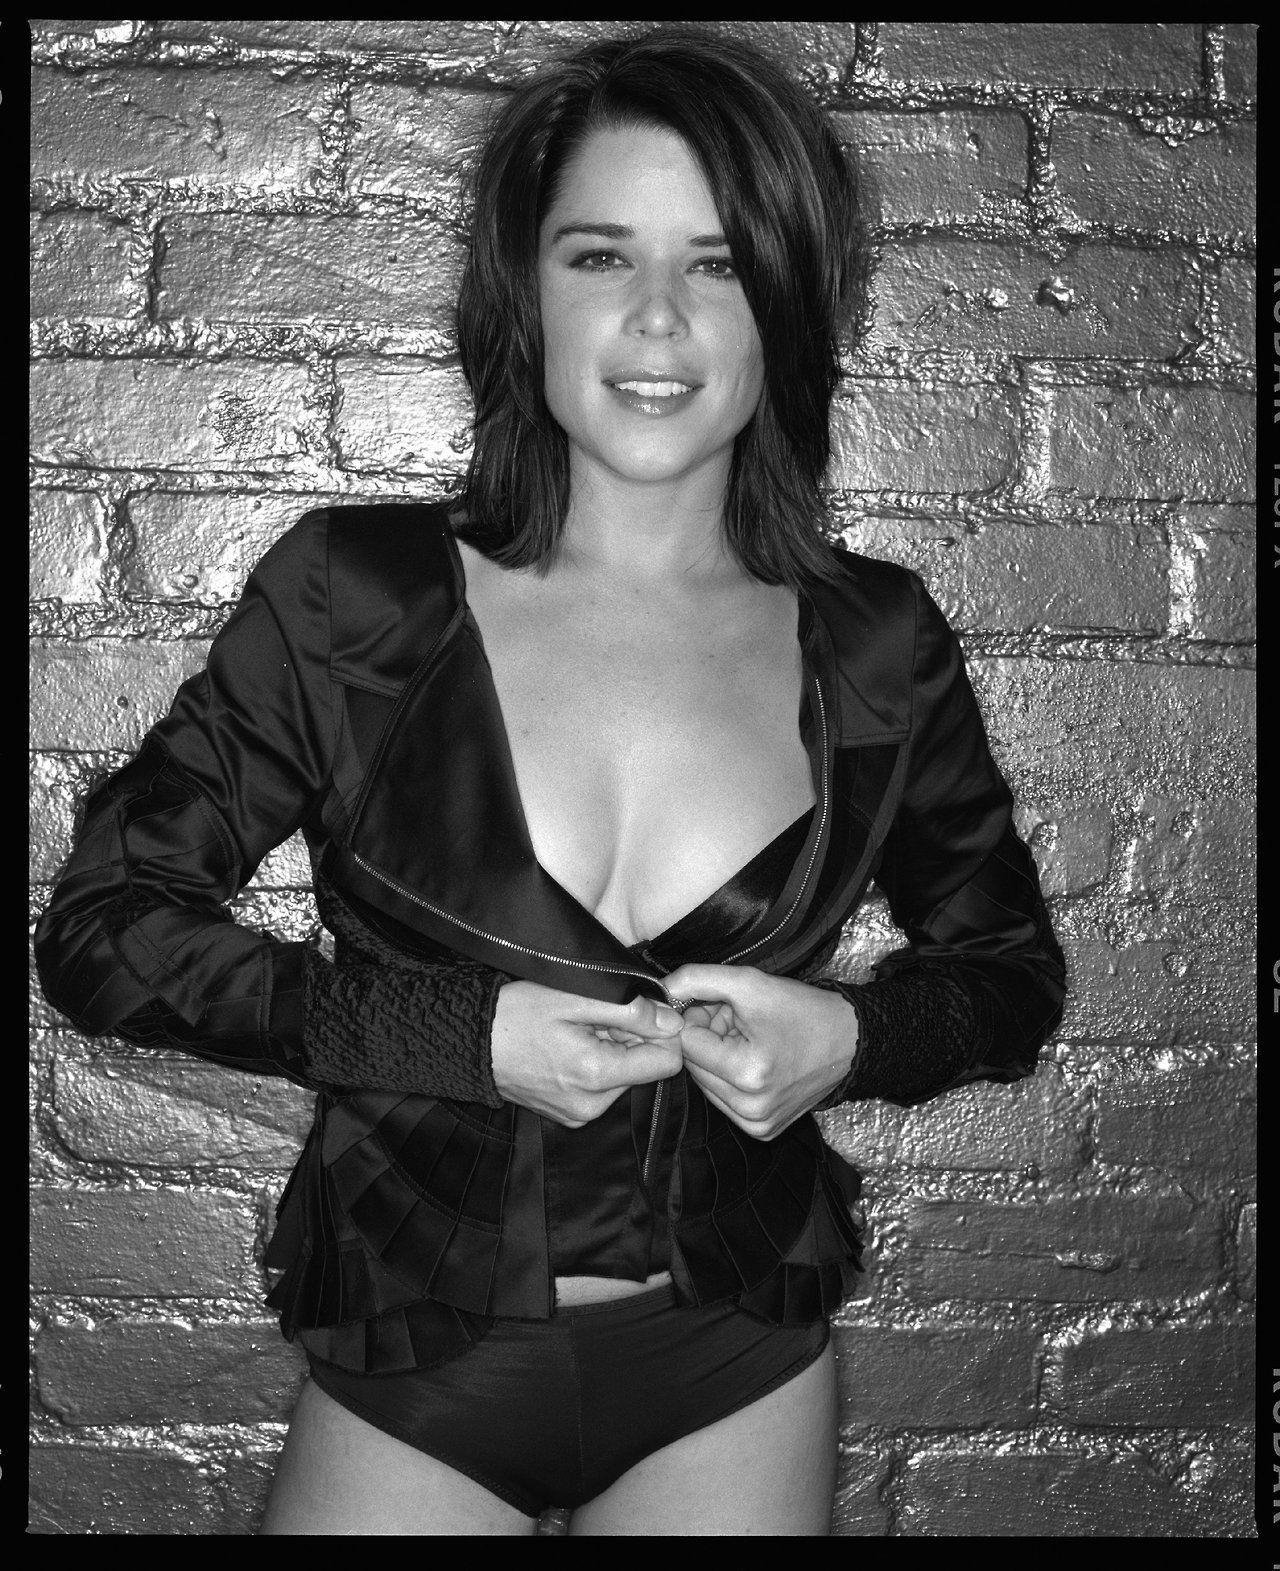 ICloud Kaya Scodelario nude (43 foto and video), Pussy, Sideboobs, Boobs, see through 2015